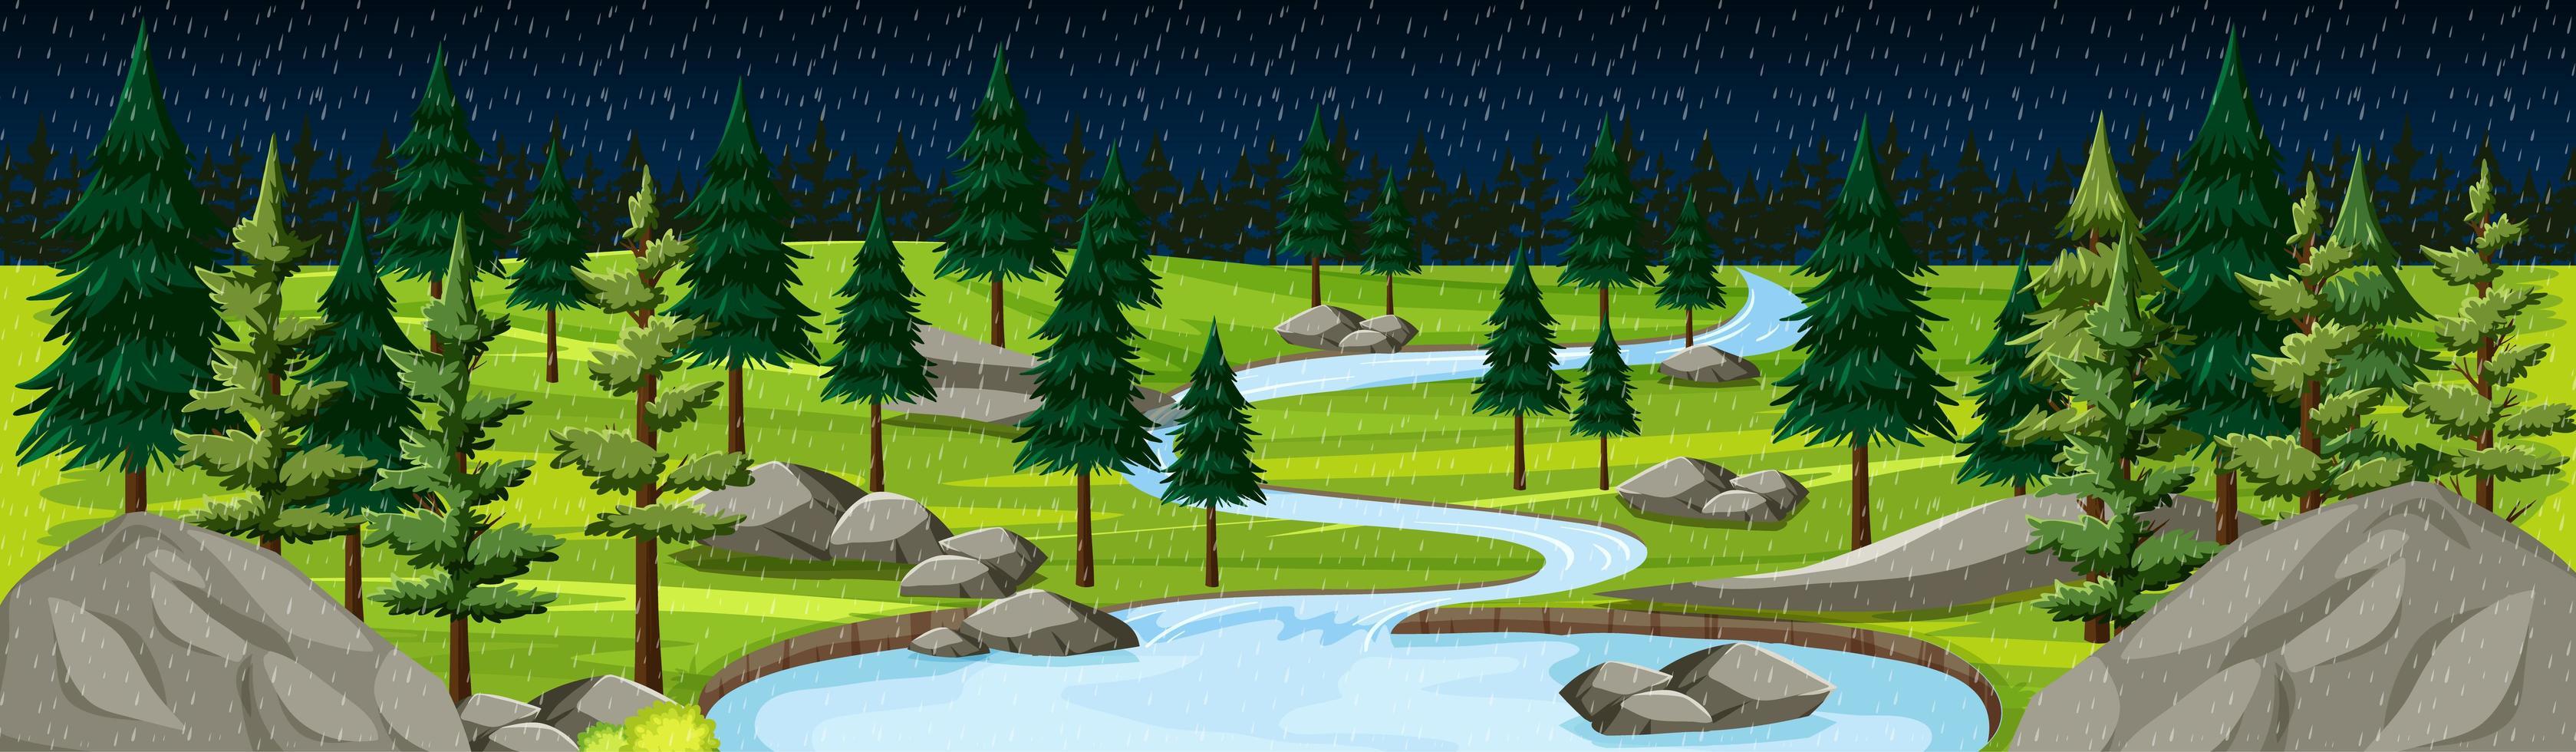 parc naturel avec panorama de paysage fluvial à la scène de nuit vecteur